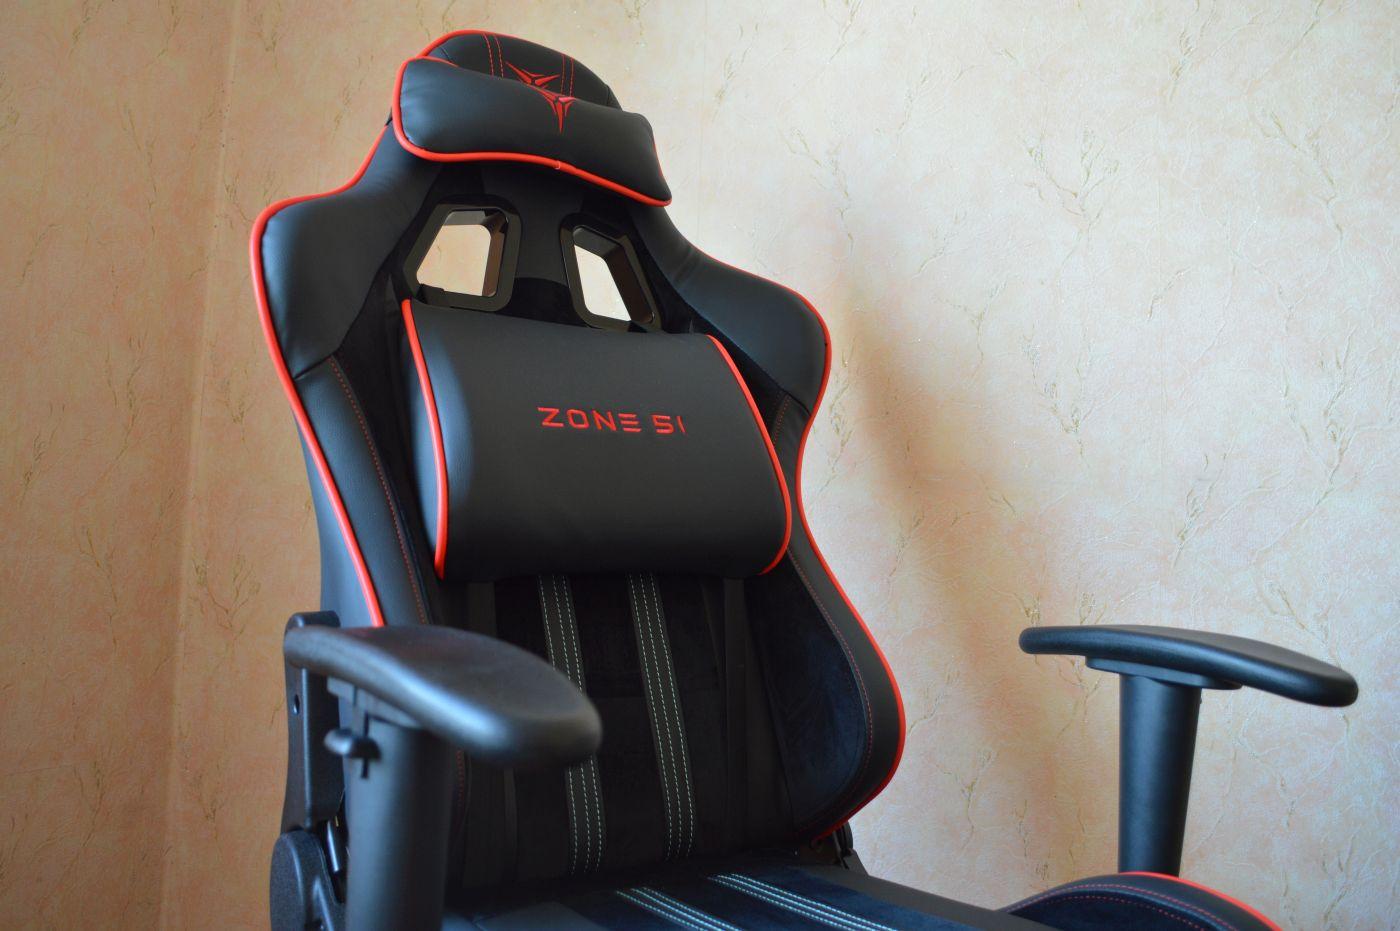 пластиковые подлокотники компьютерного игрового кресла Zone 51 Gravity